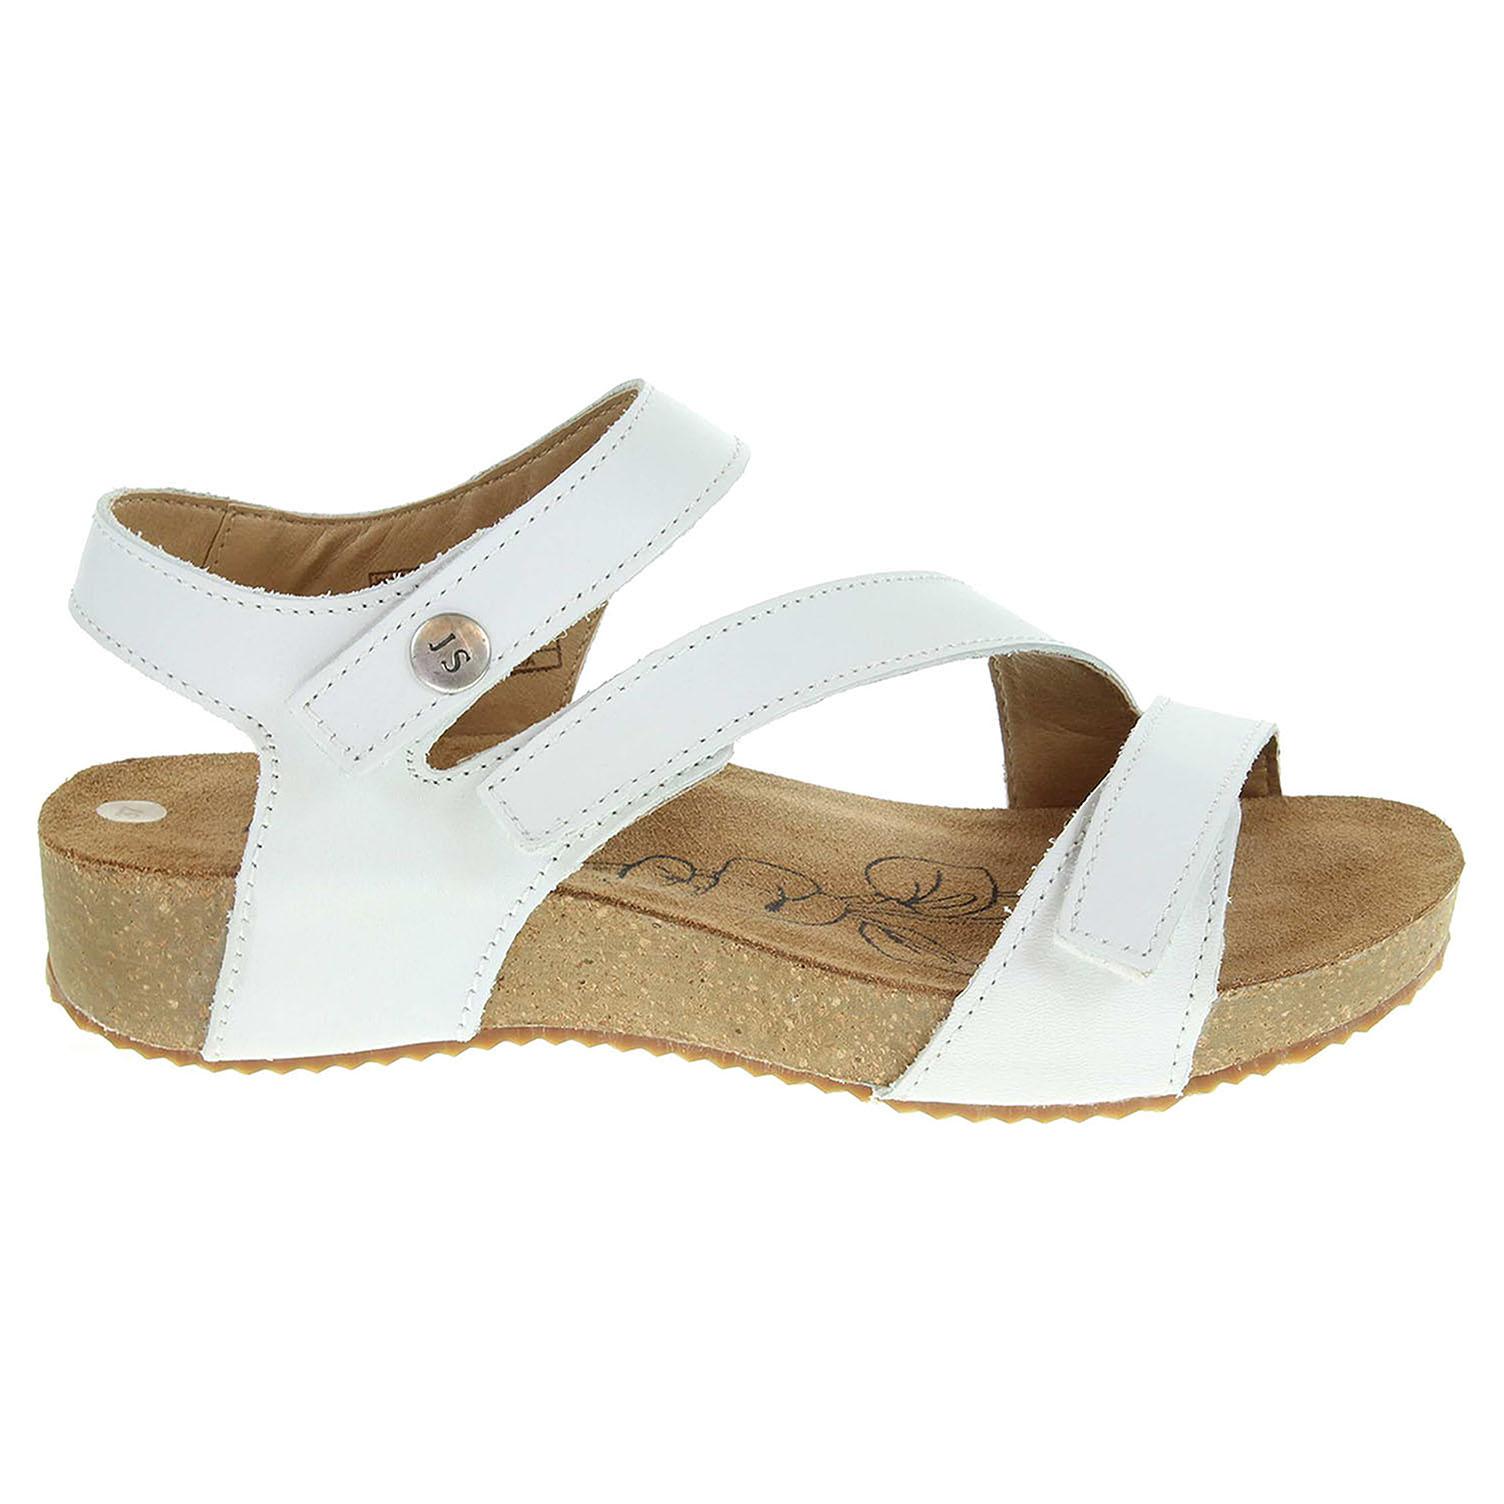 Ecco Josef Seibel dámské sandály 78519 43800 bílé 23801209 1be64a12ae